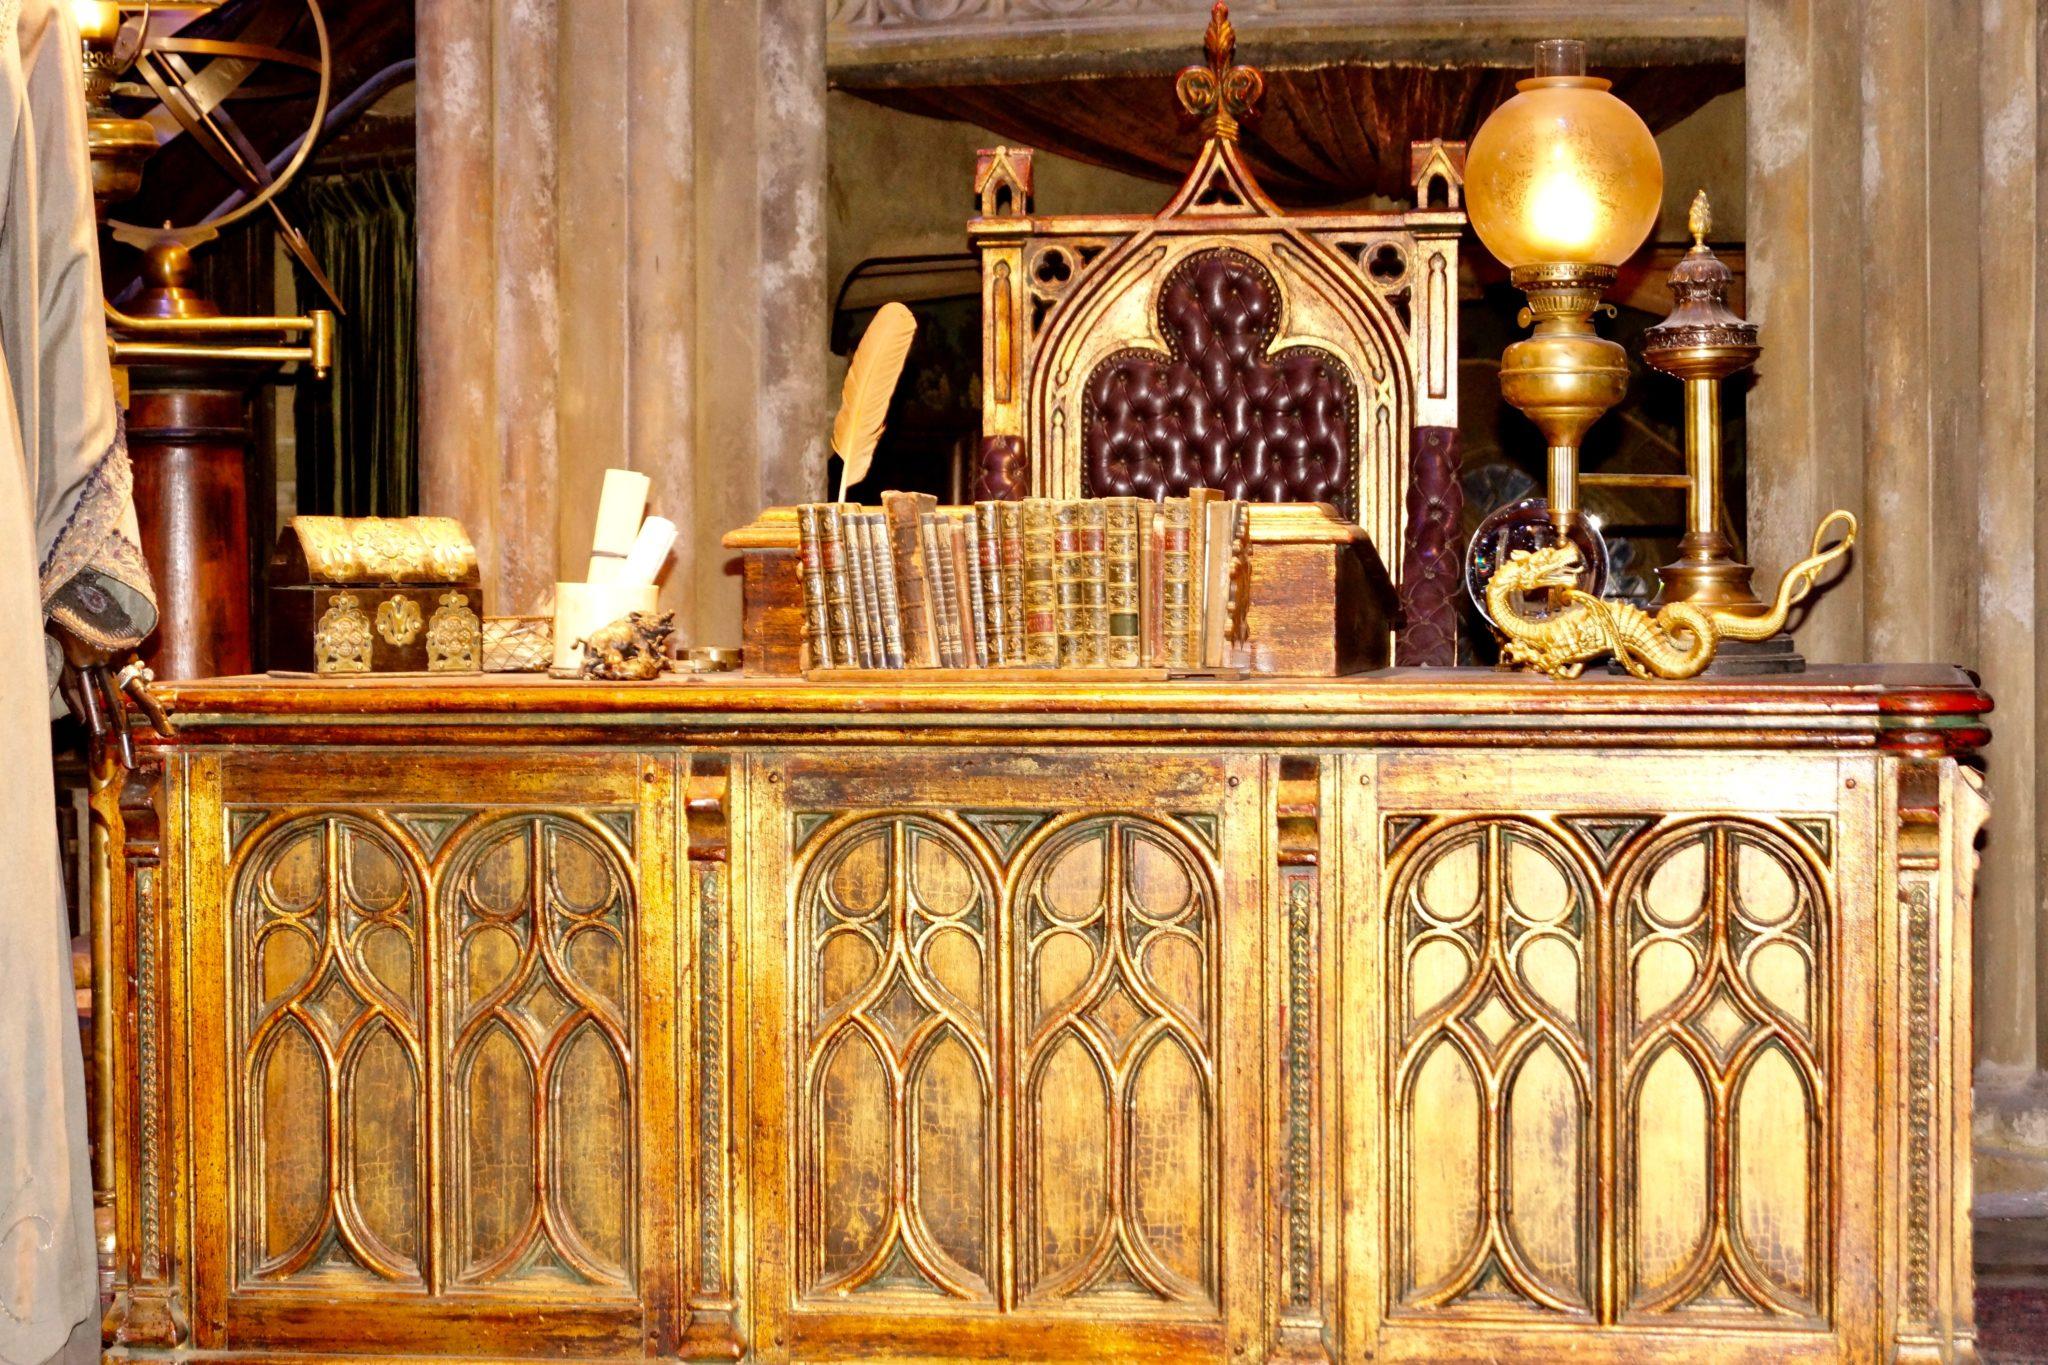 Albus Dumbledore's Office